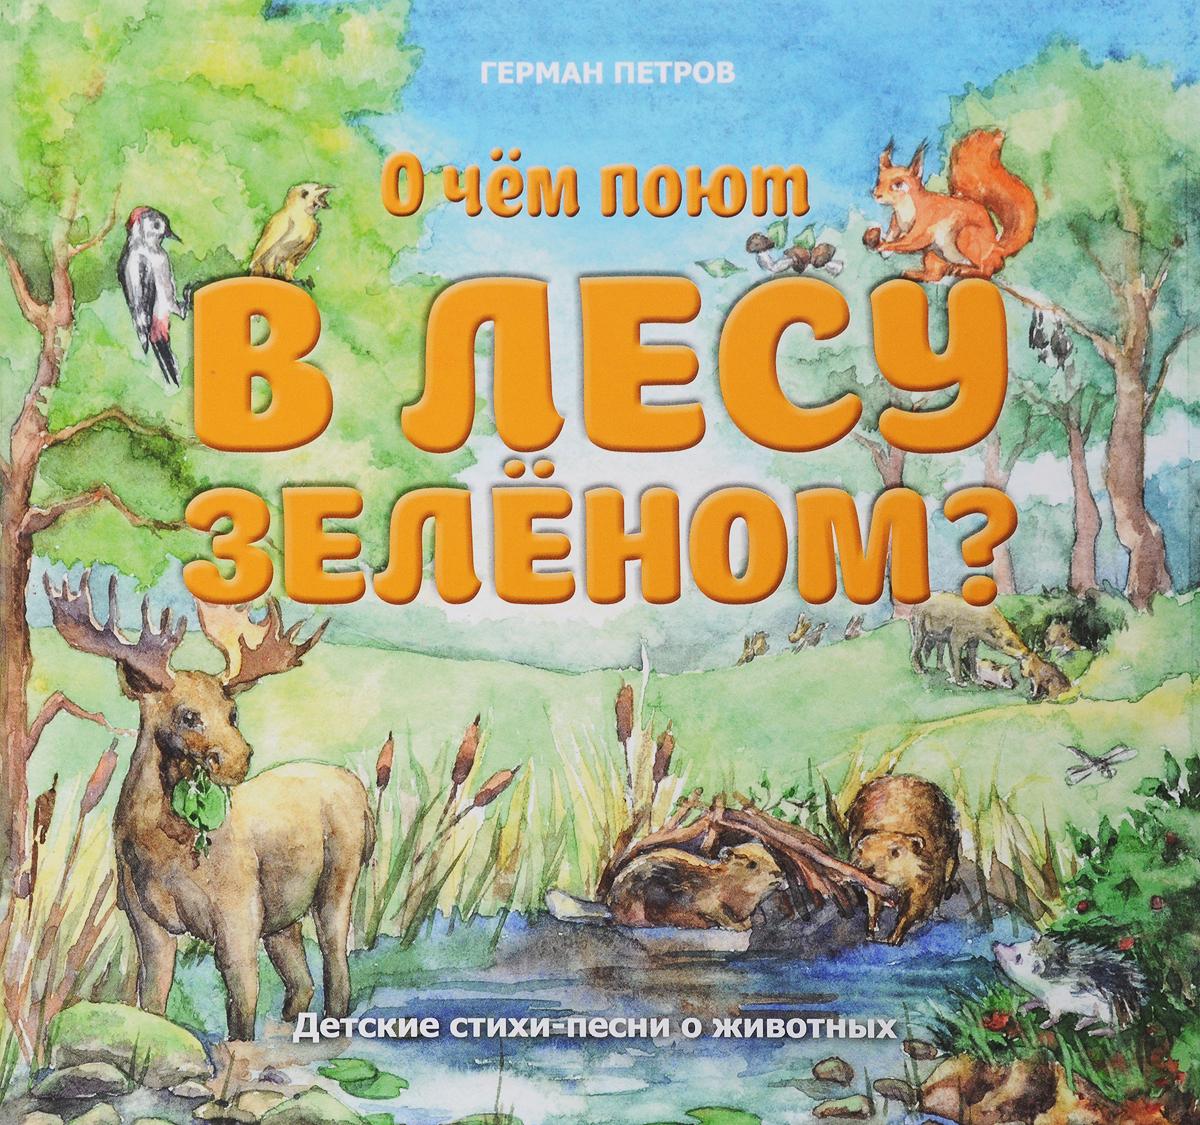 Герман Петров  чем поют  лесу зеленом? Детские стихи-песни  животных